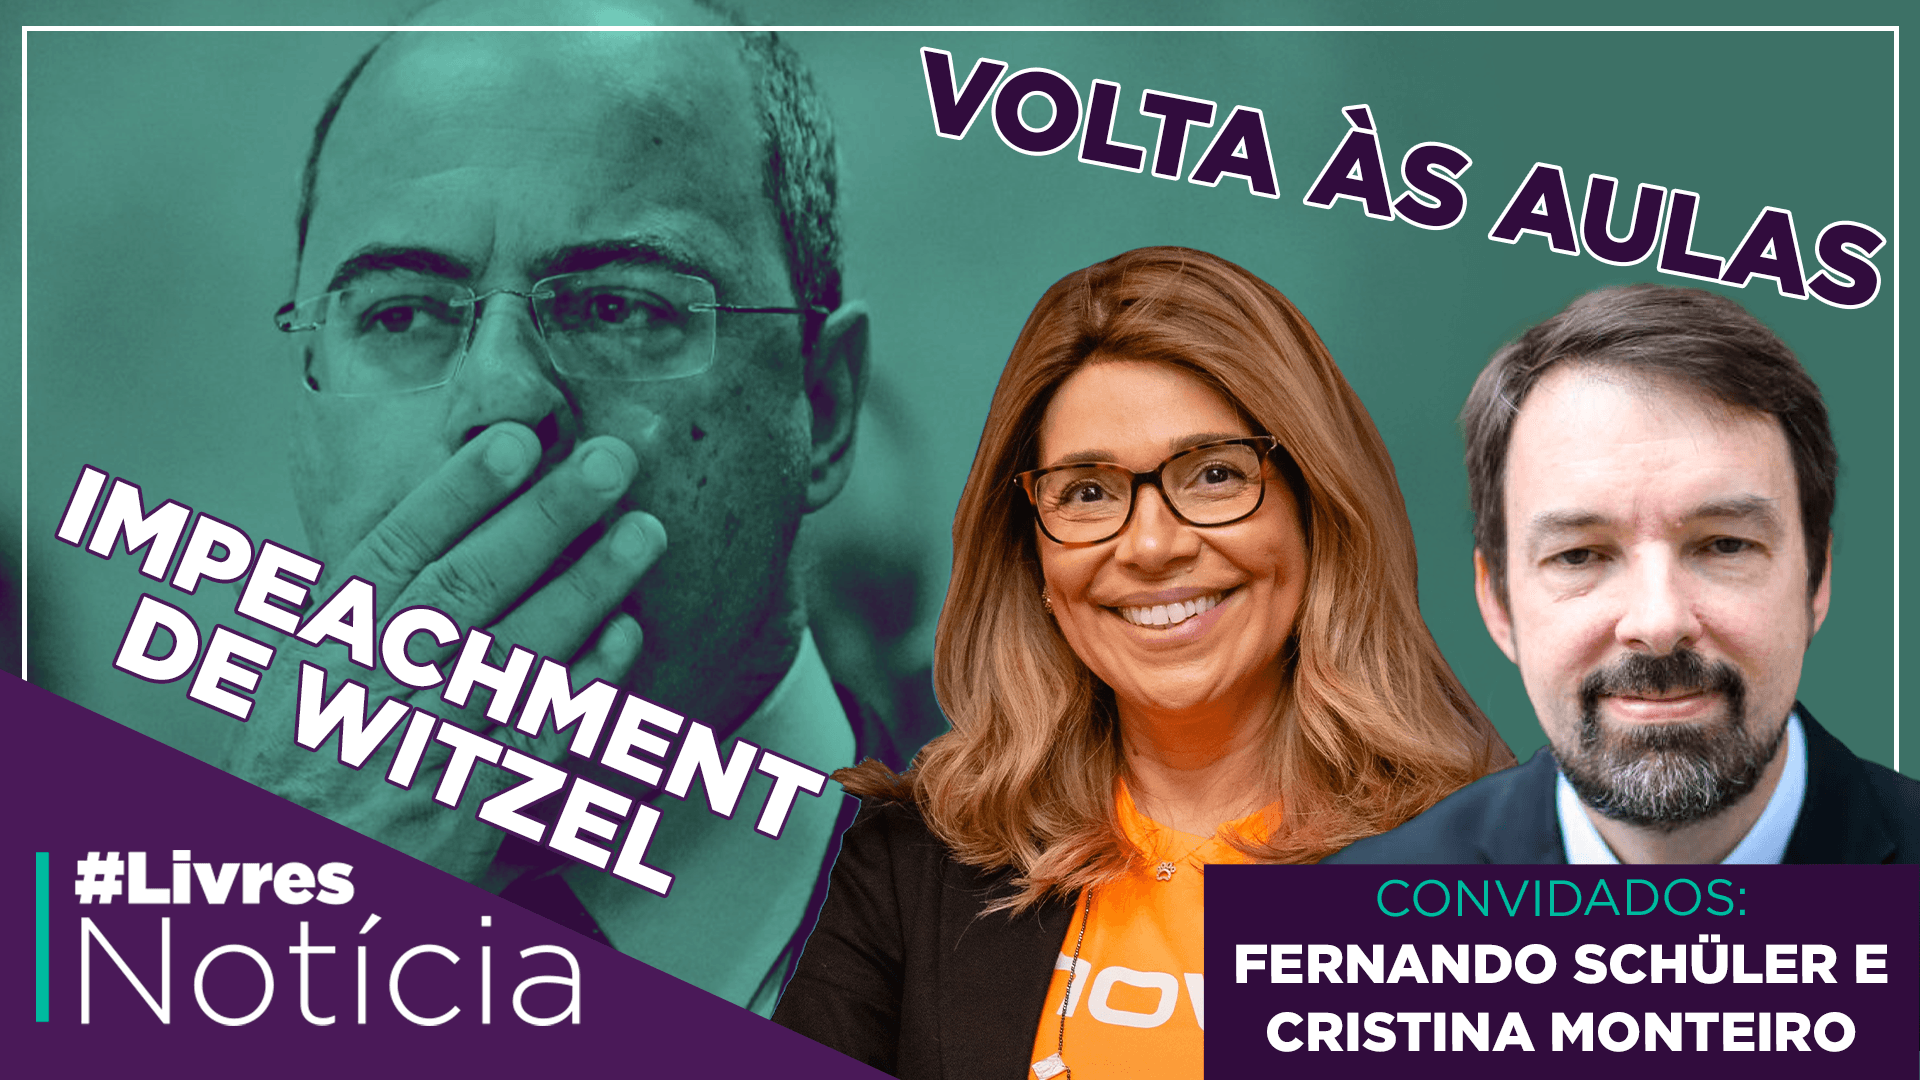 O MEC e a volta às aulas | LivresNotícia AO VIVO com Fernando Schüler e Cris Monteiro  – 24/09